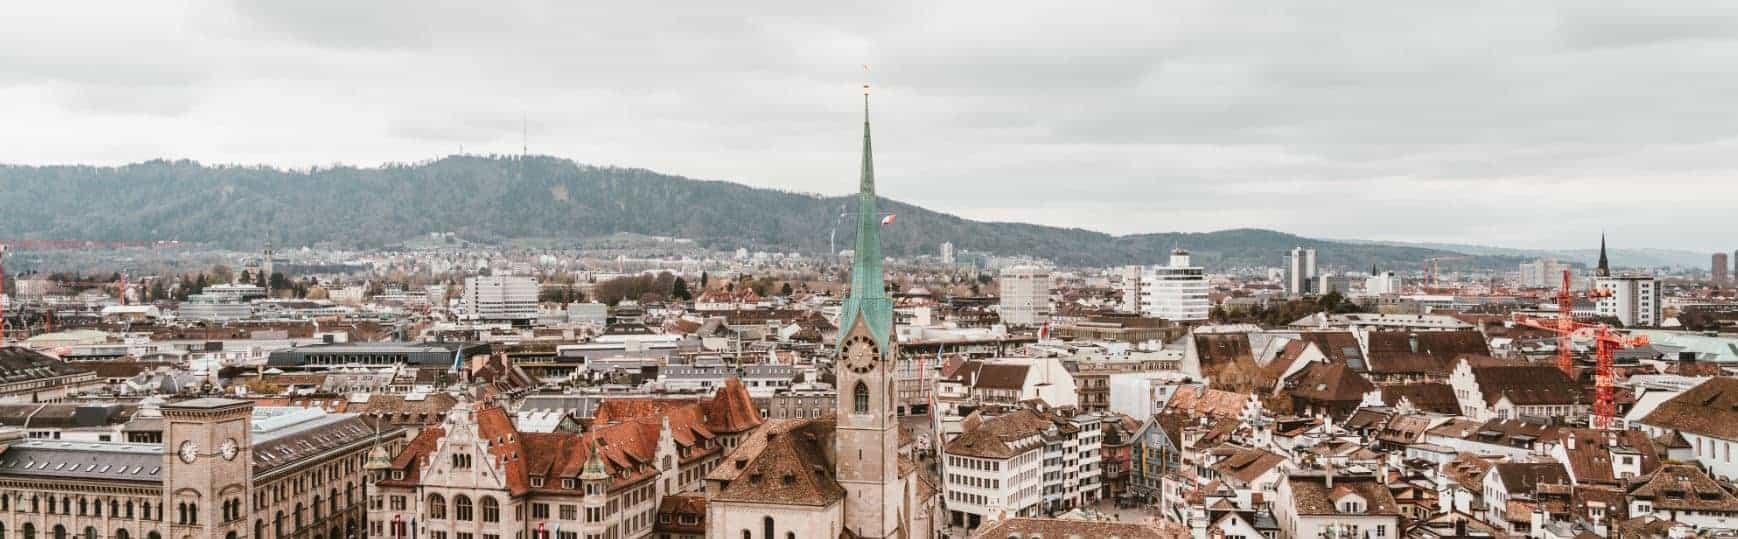 Schweizer Vermögensverwaltungen Liste Adressen